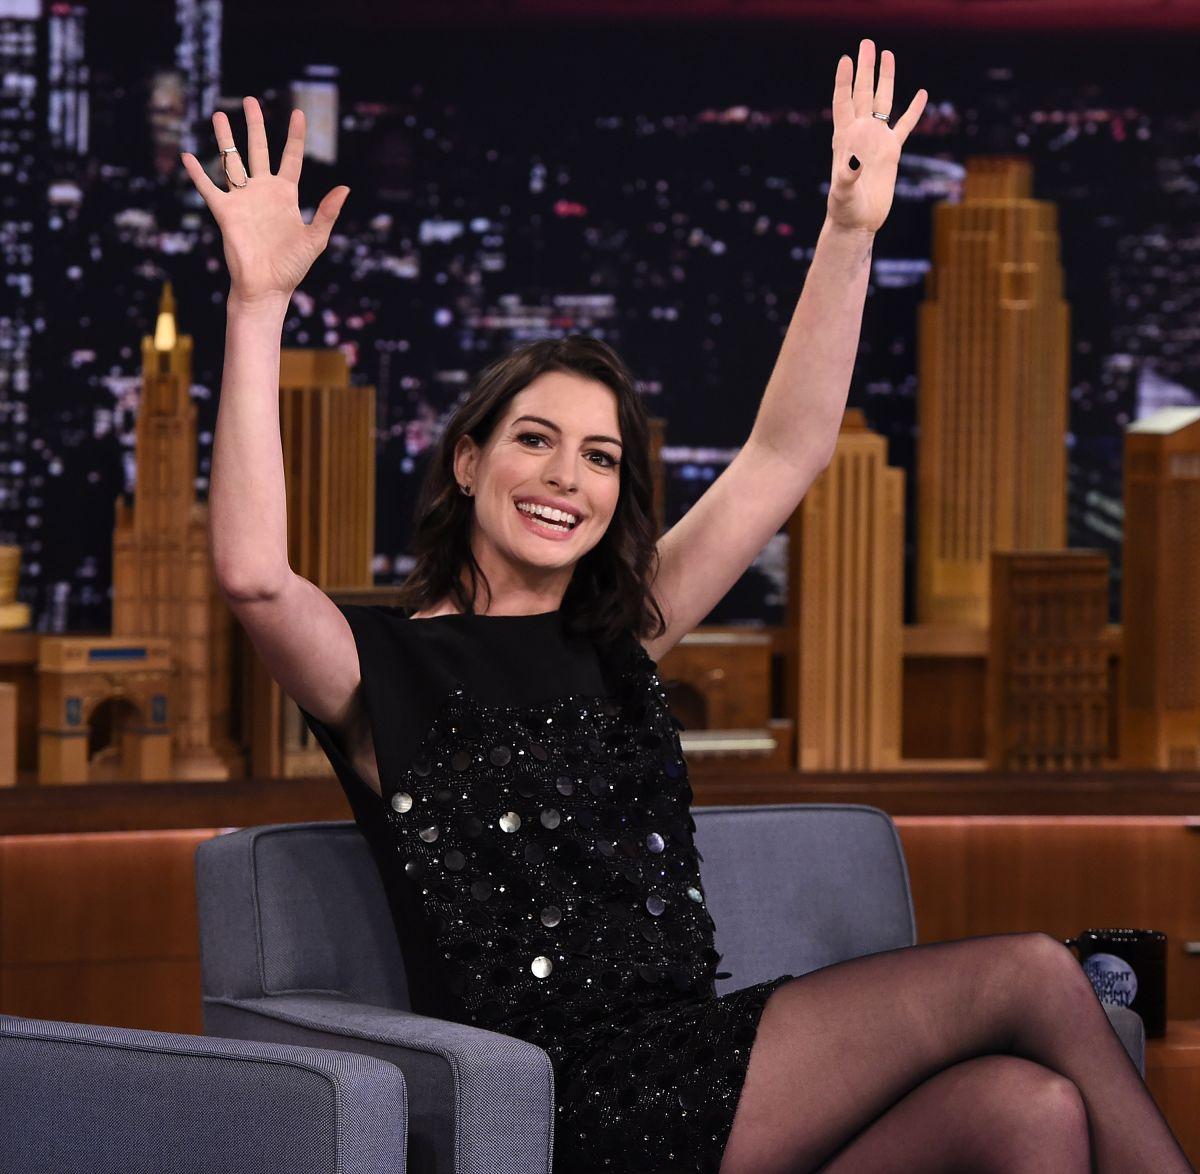 Anne Hathaway borró la polémica publicación e hizo otra a modo de disculpa.